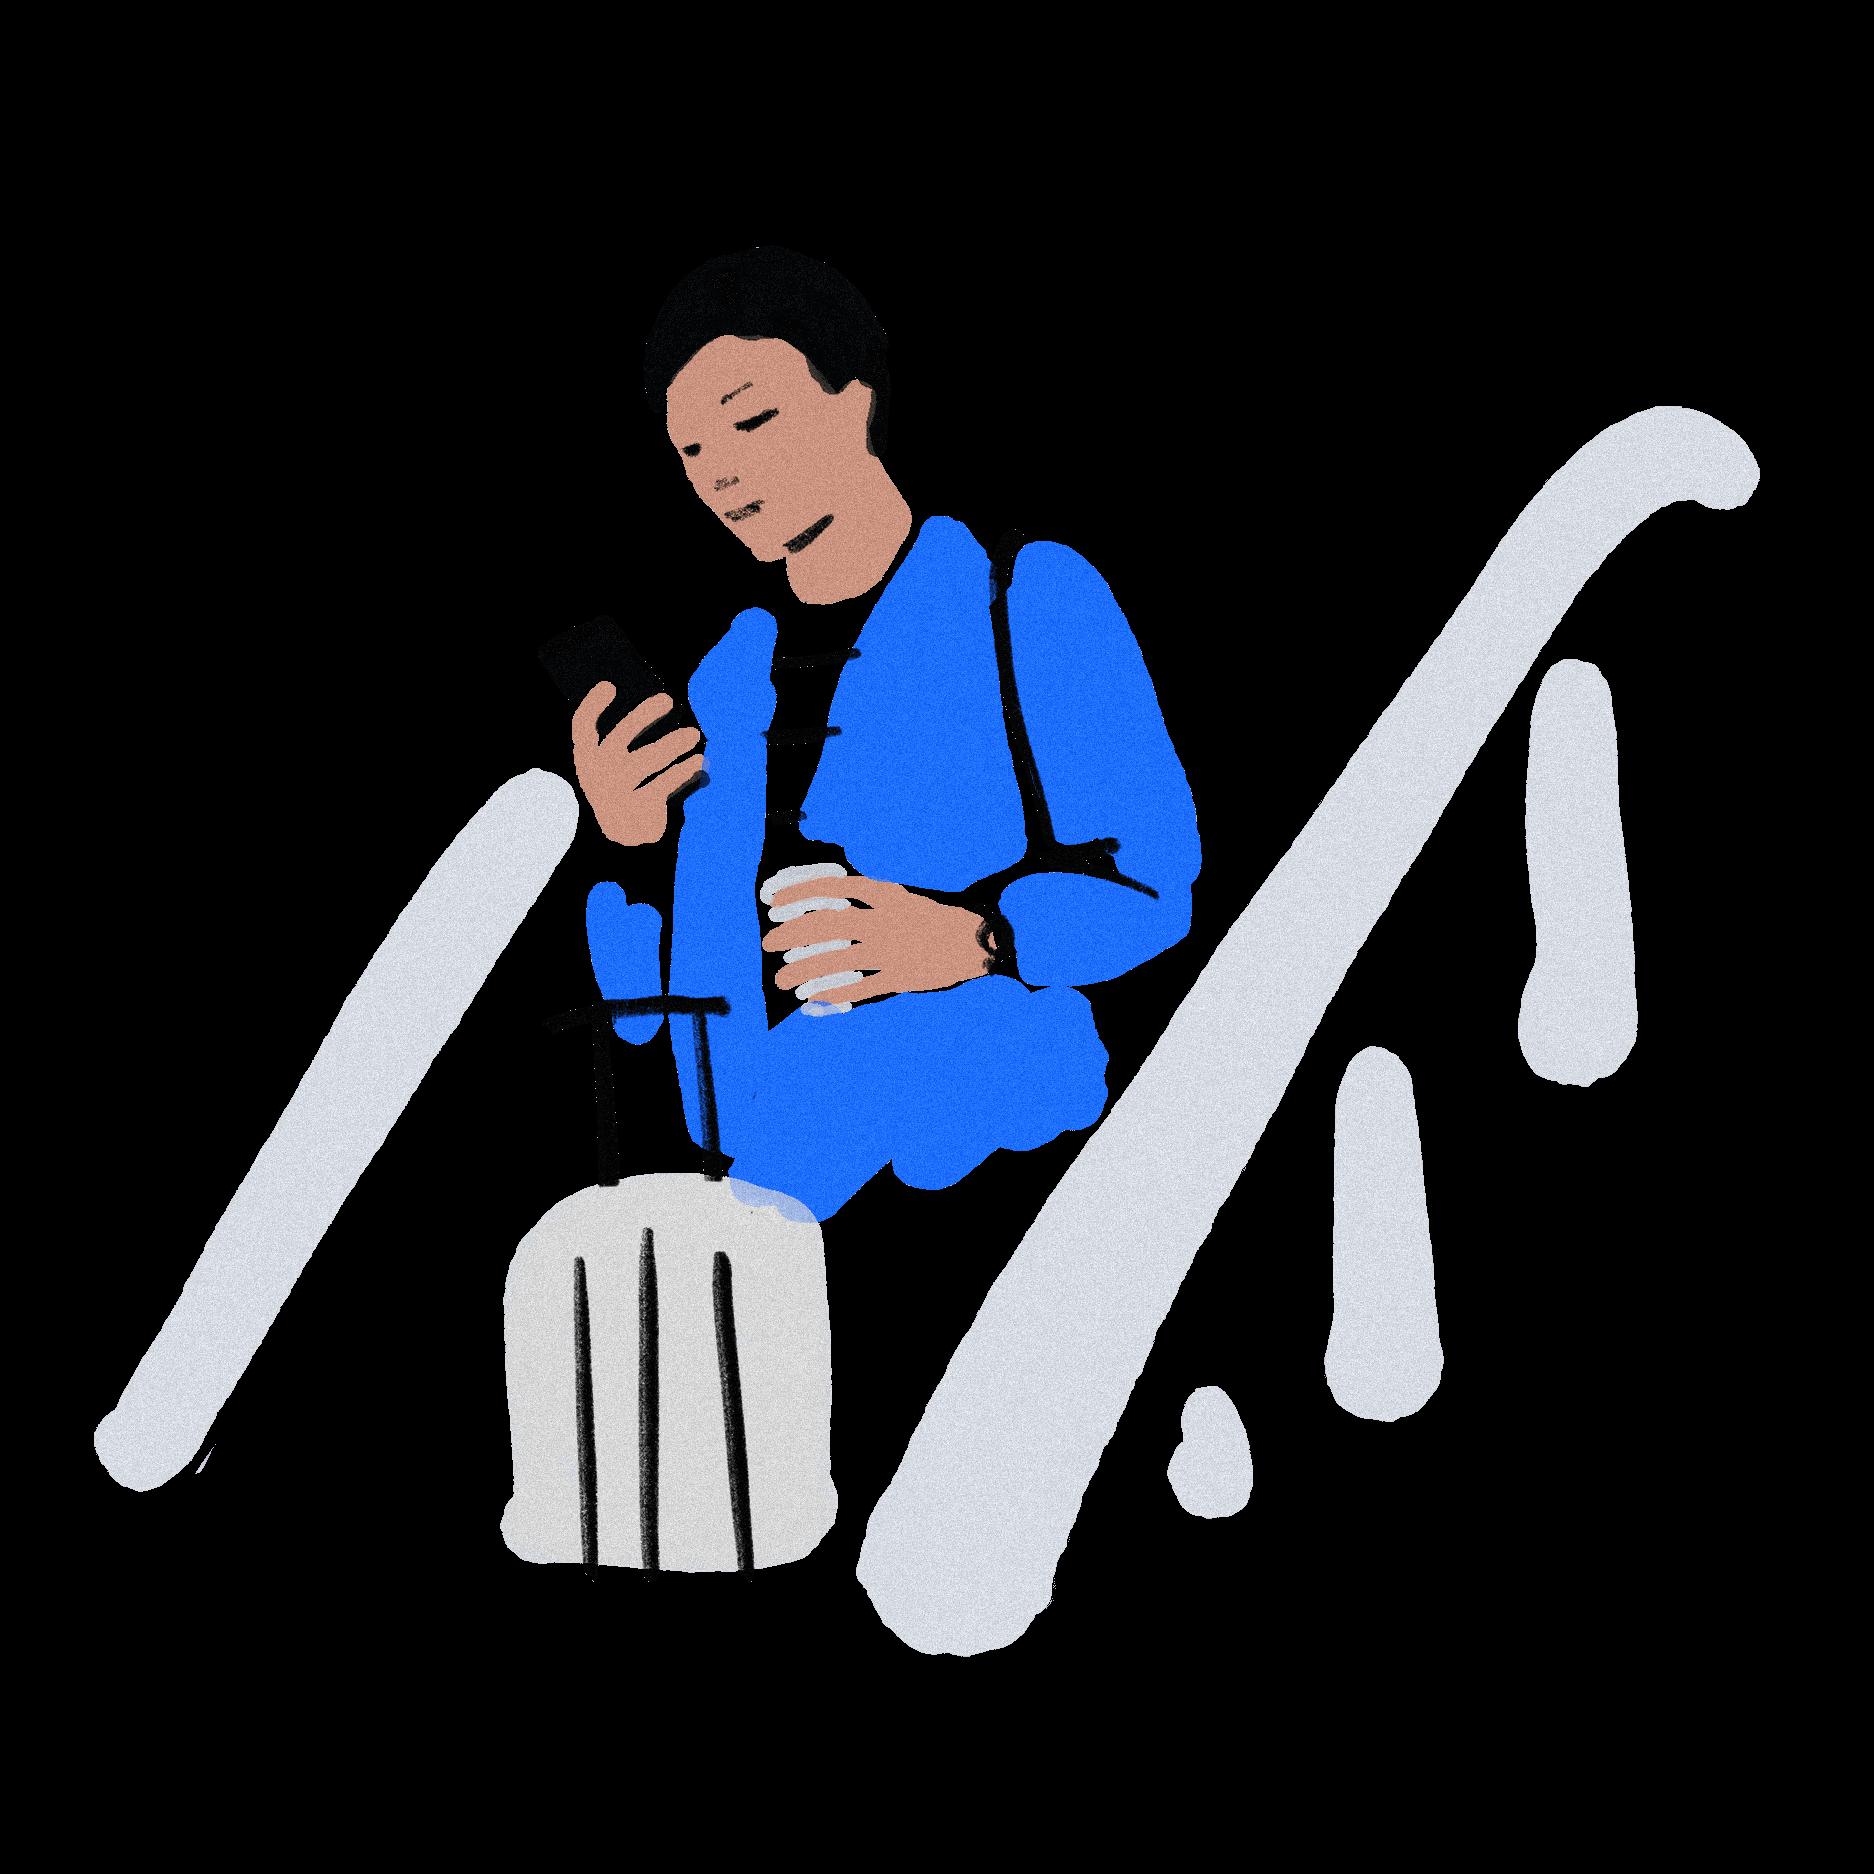 Illustration Mann auf Rolltreppe mit Handy in der Hand